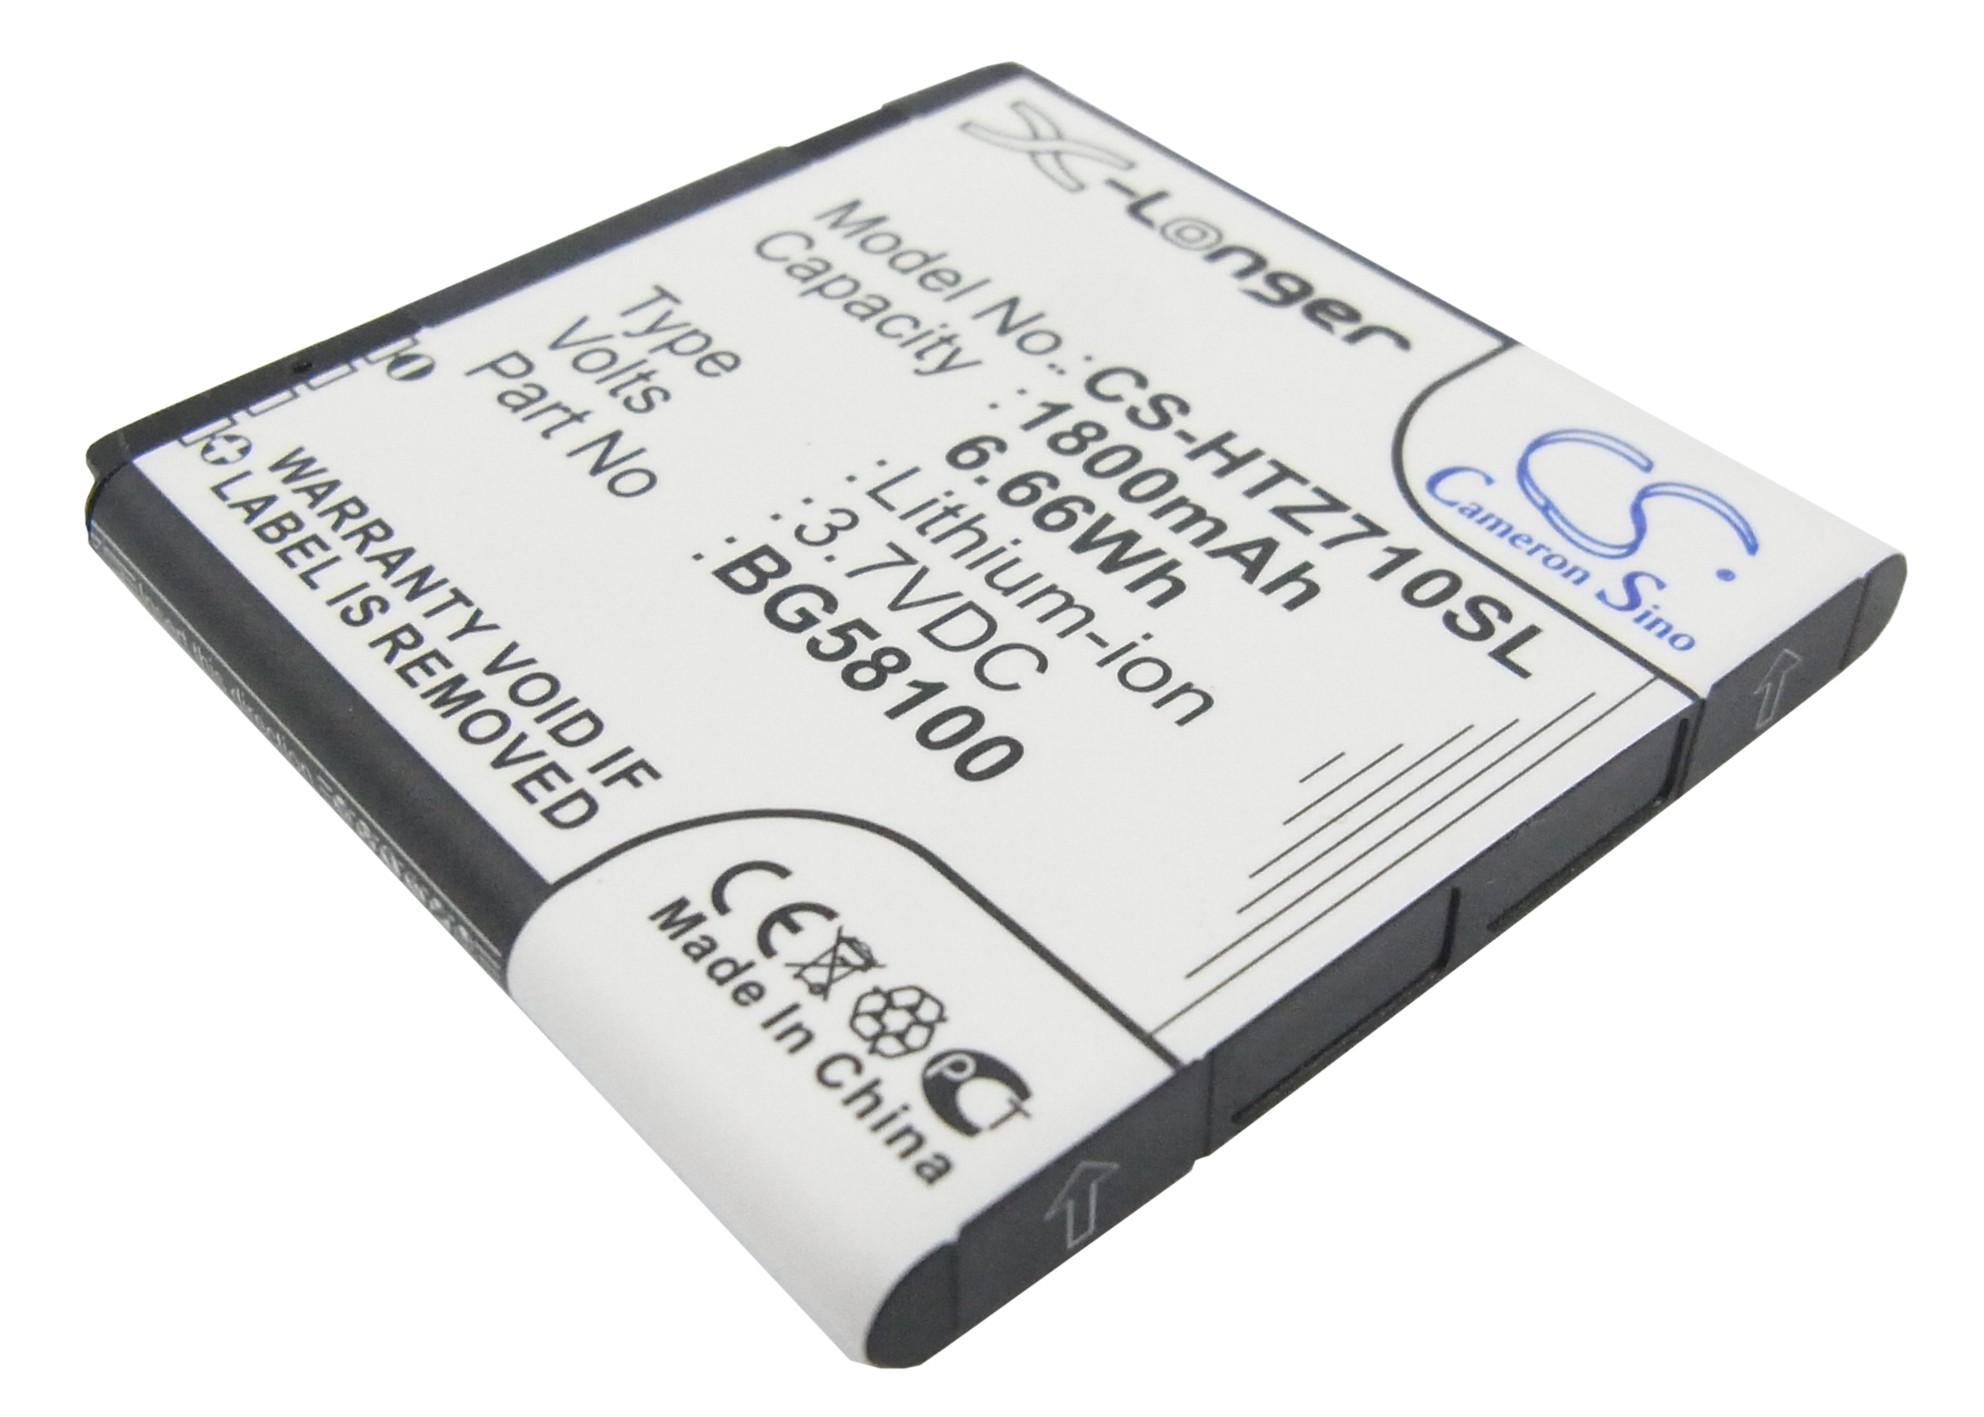 Cameron Sino baterie do mobilů pro HTC Sensation 4G 3.7V Li-ion 1800mAh černá - neoriginální